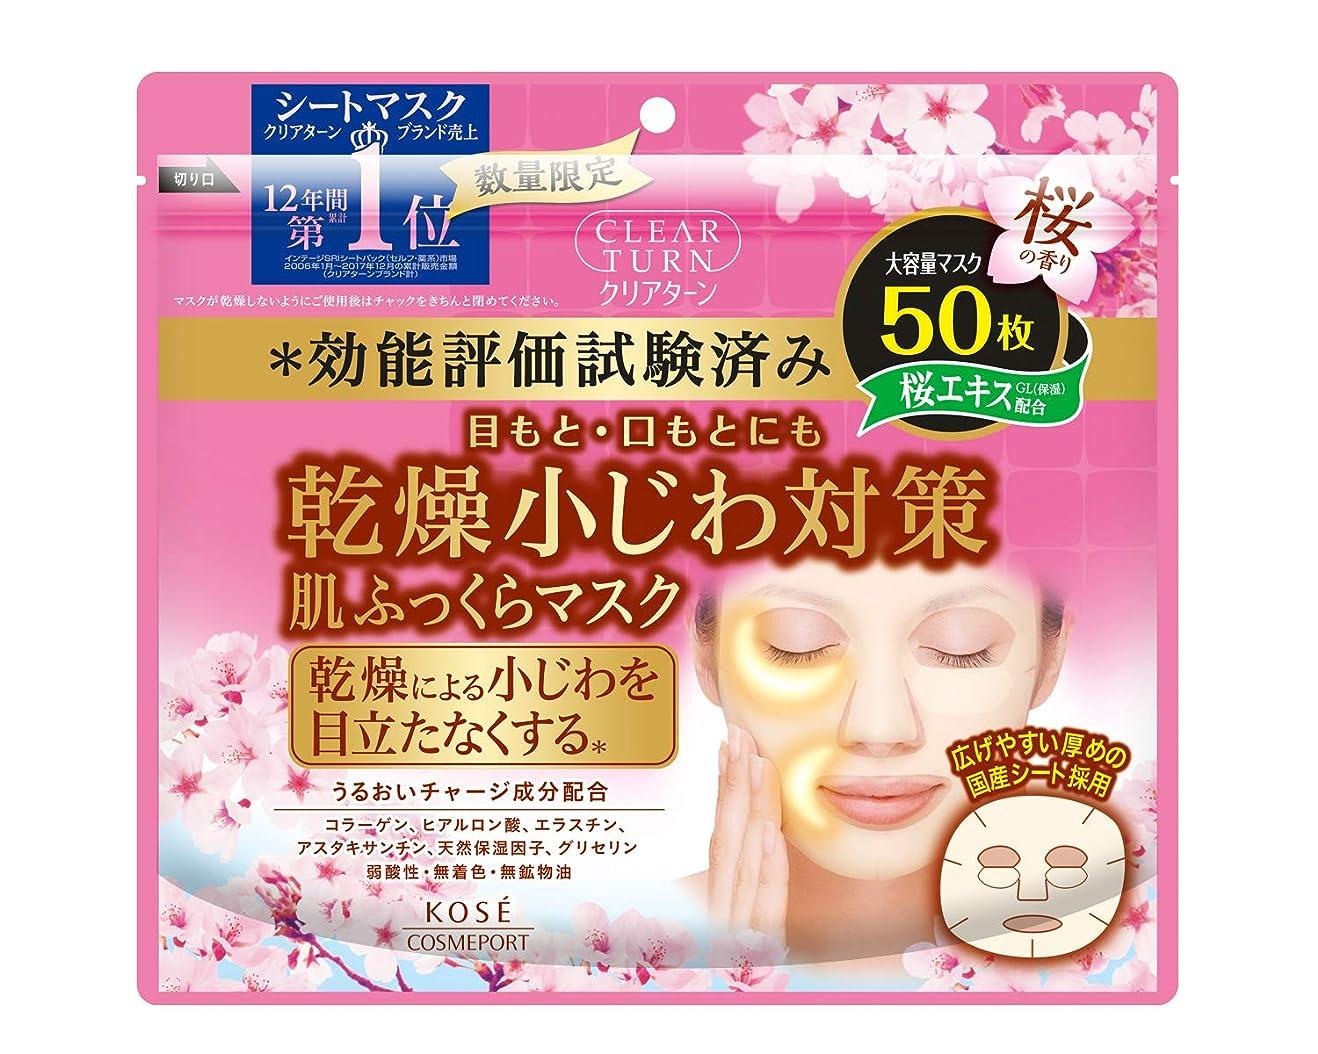 吸収剤聖歌非常に怒っていますKOSE クリアターン 肌ふっくらマスク 50枚 桜の香り